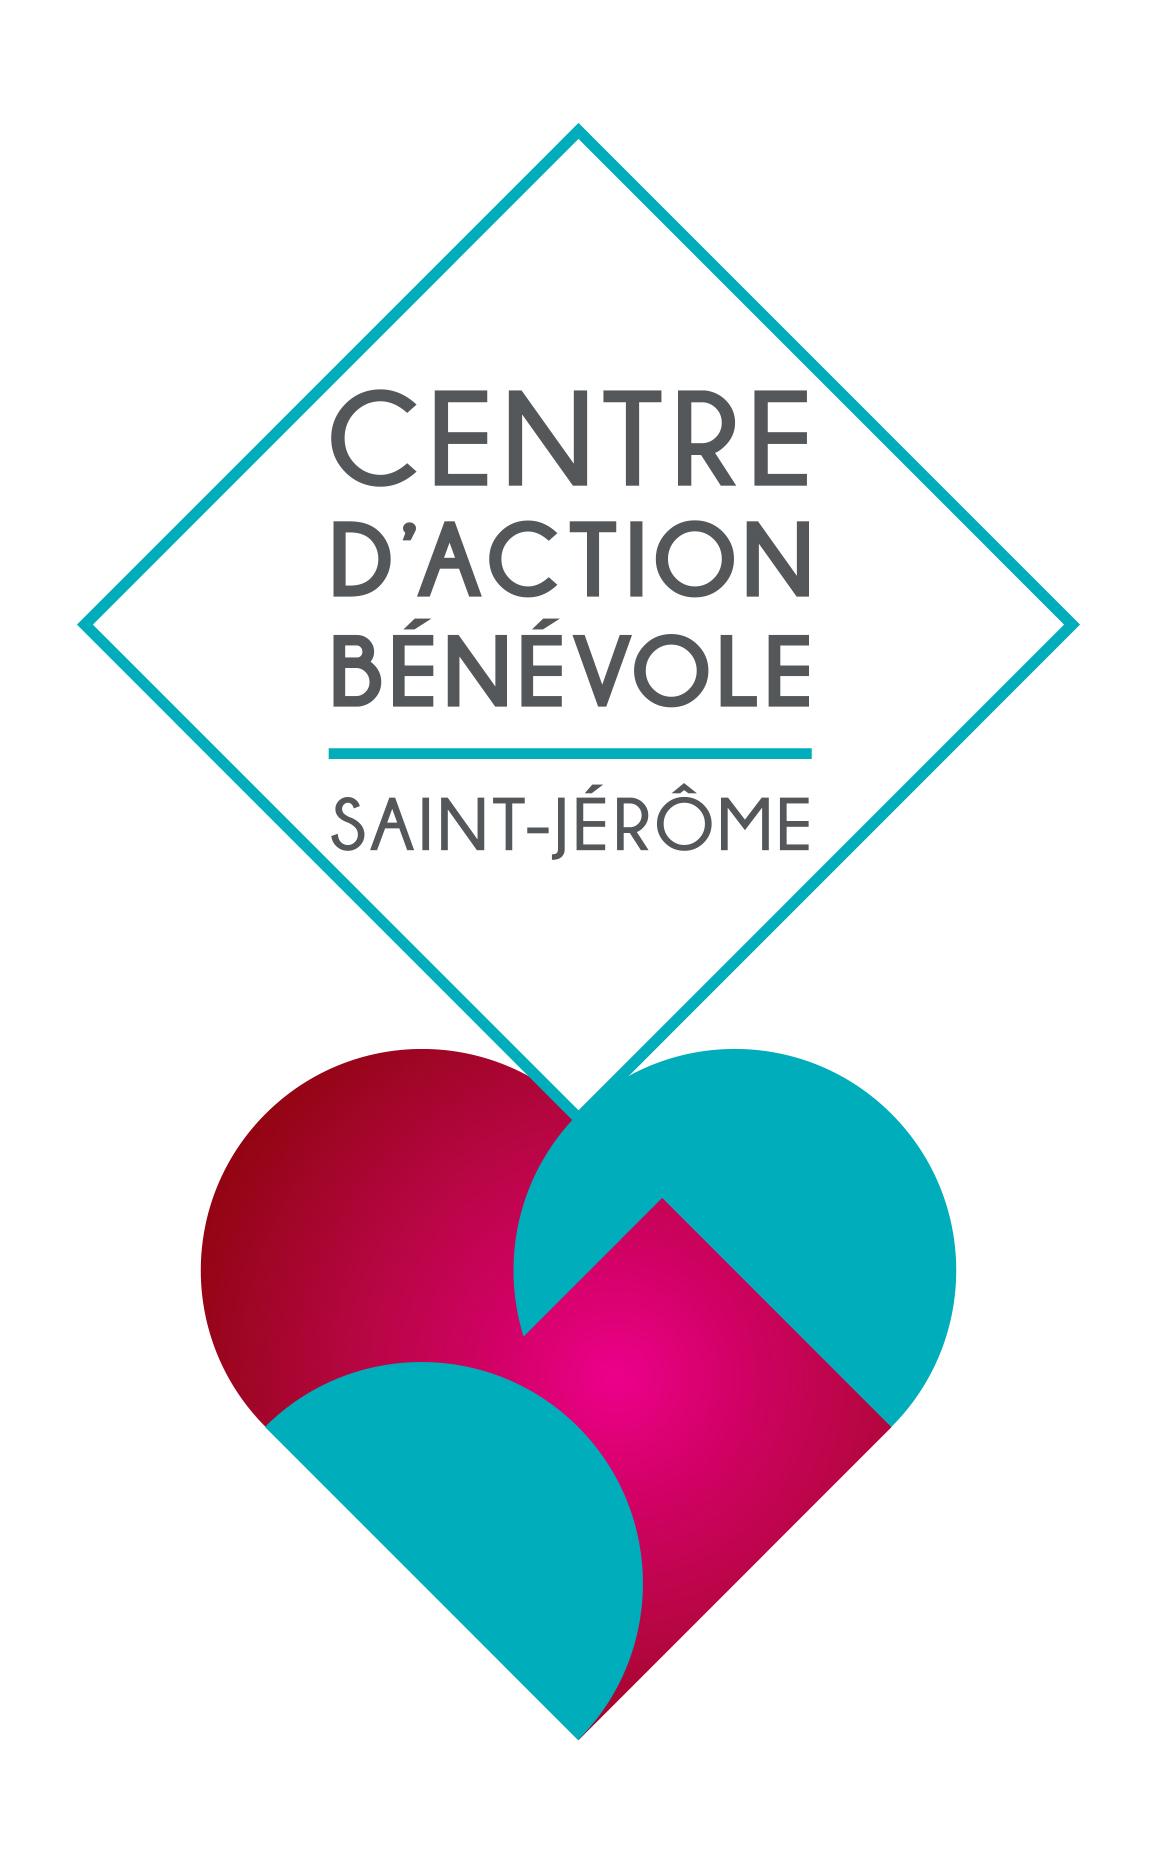 Centre d'action bénévole Saint-Jérôme inc.